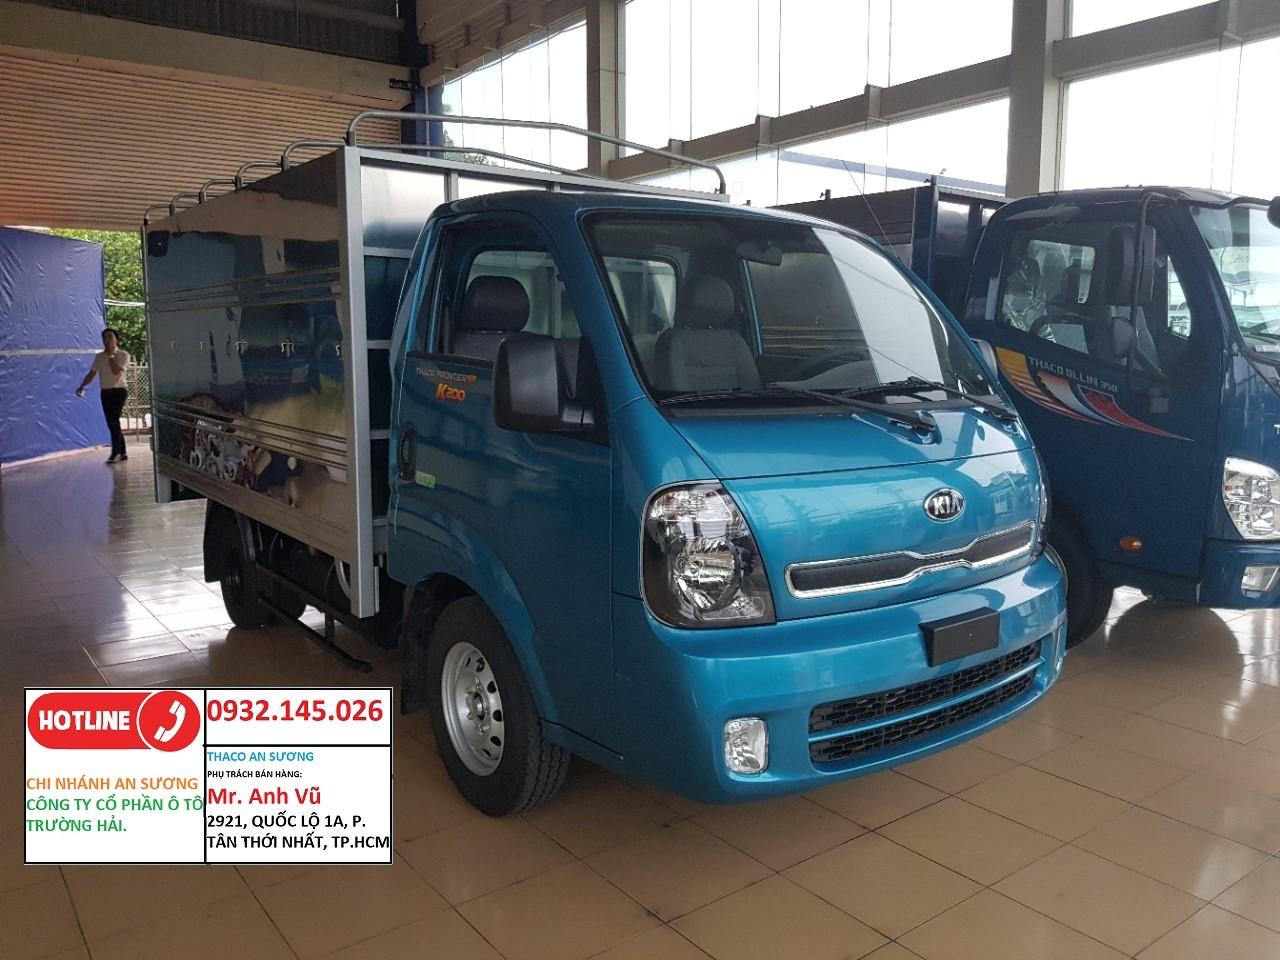 Xe tải kia k200 có sẵn bán trả góp chỉ cần 120 tr có xe ngay. xe tải kia k200 tải 1 tân 9 Ảnh số 41946746